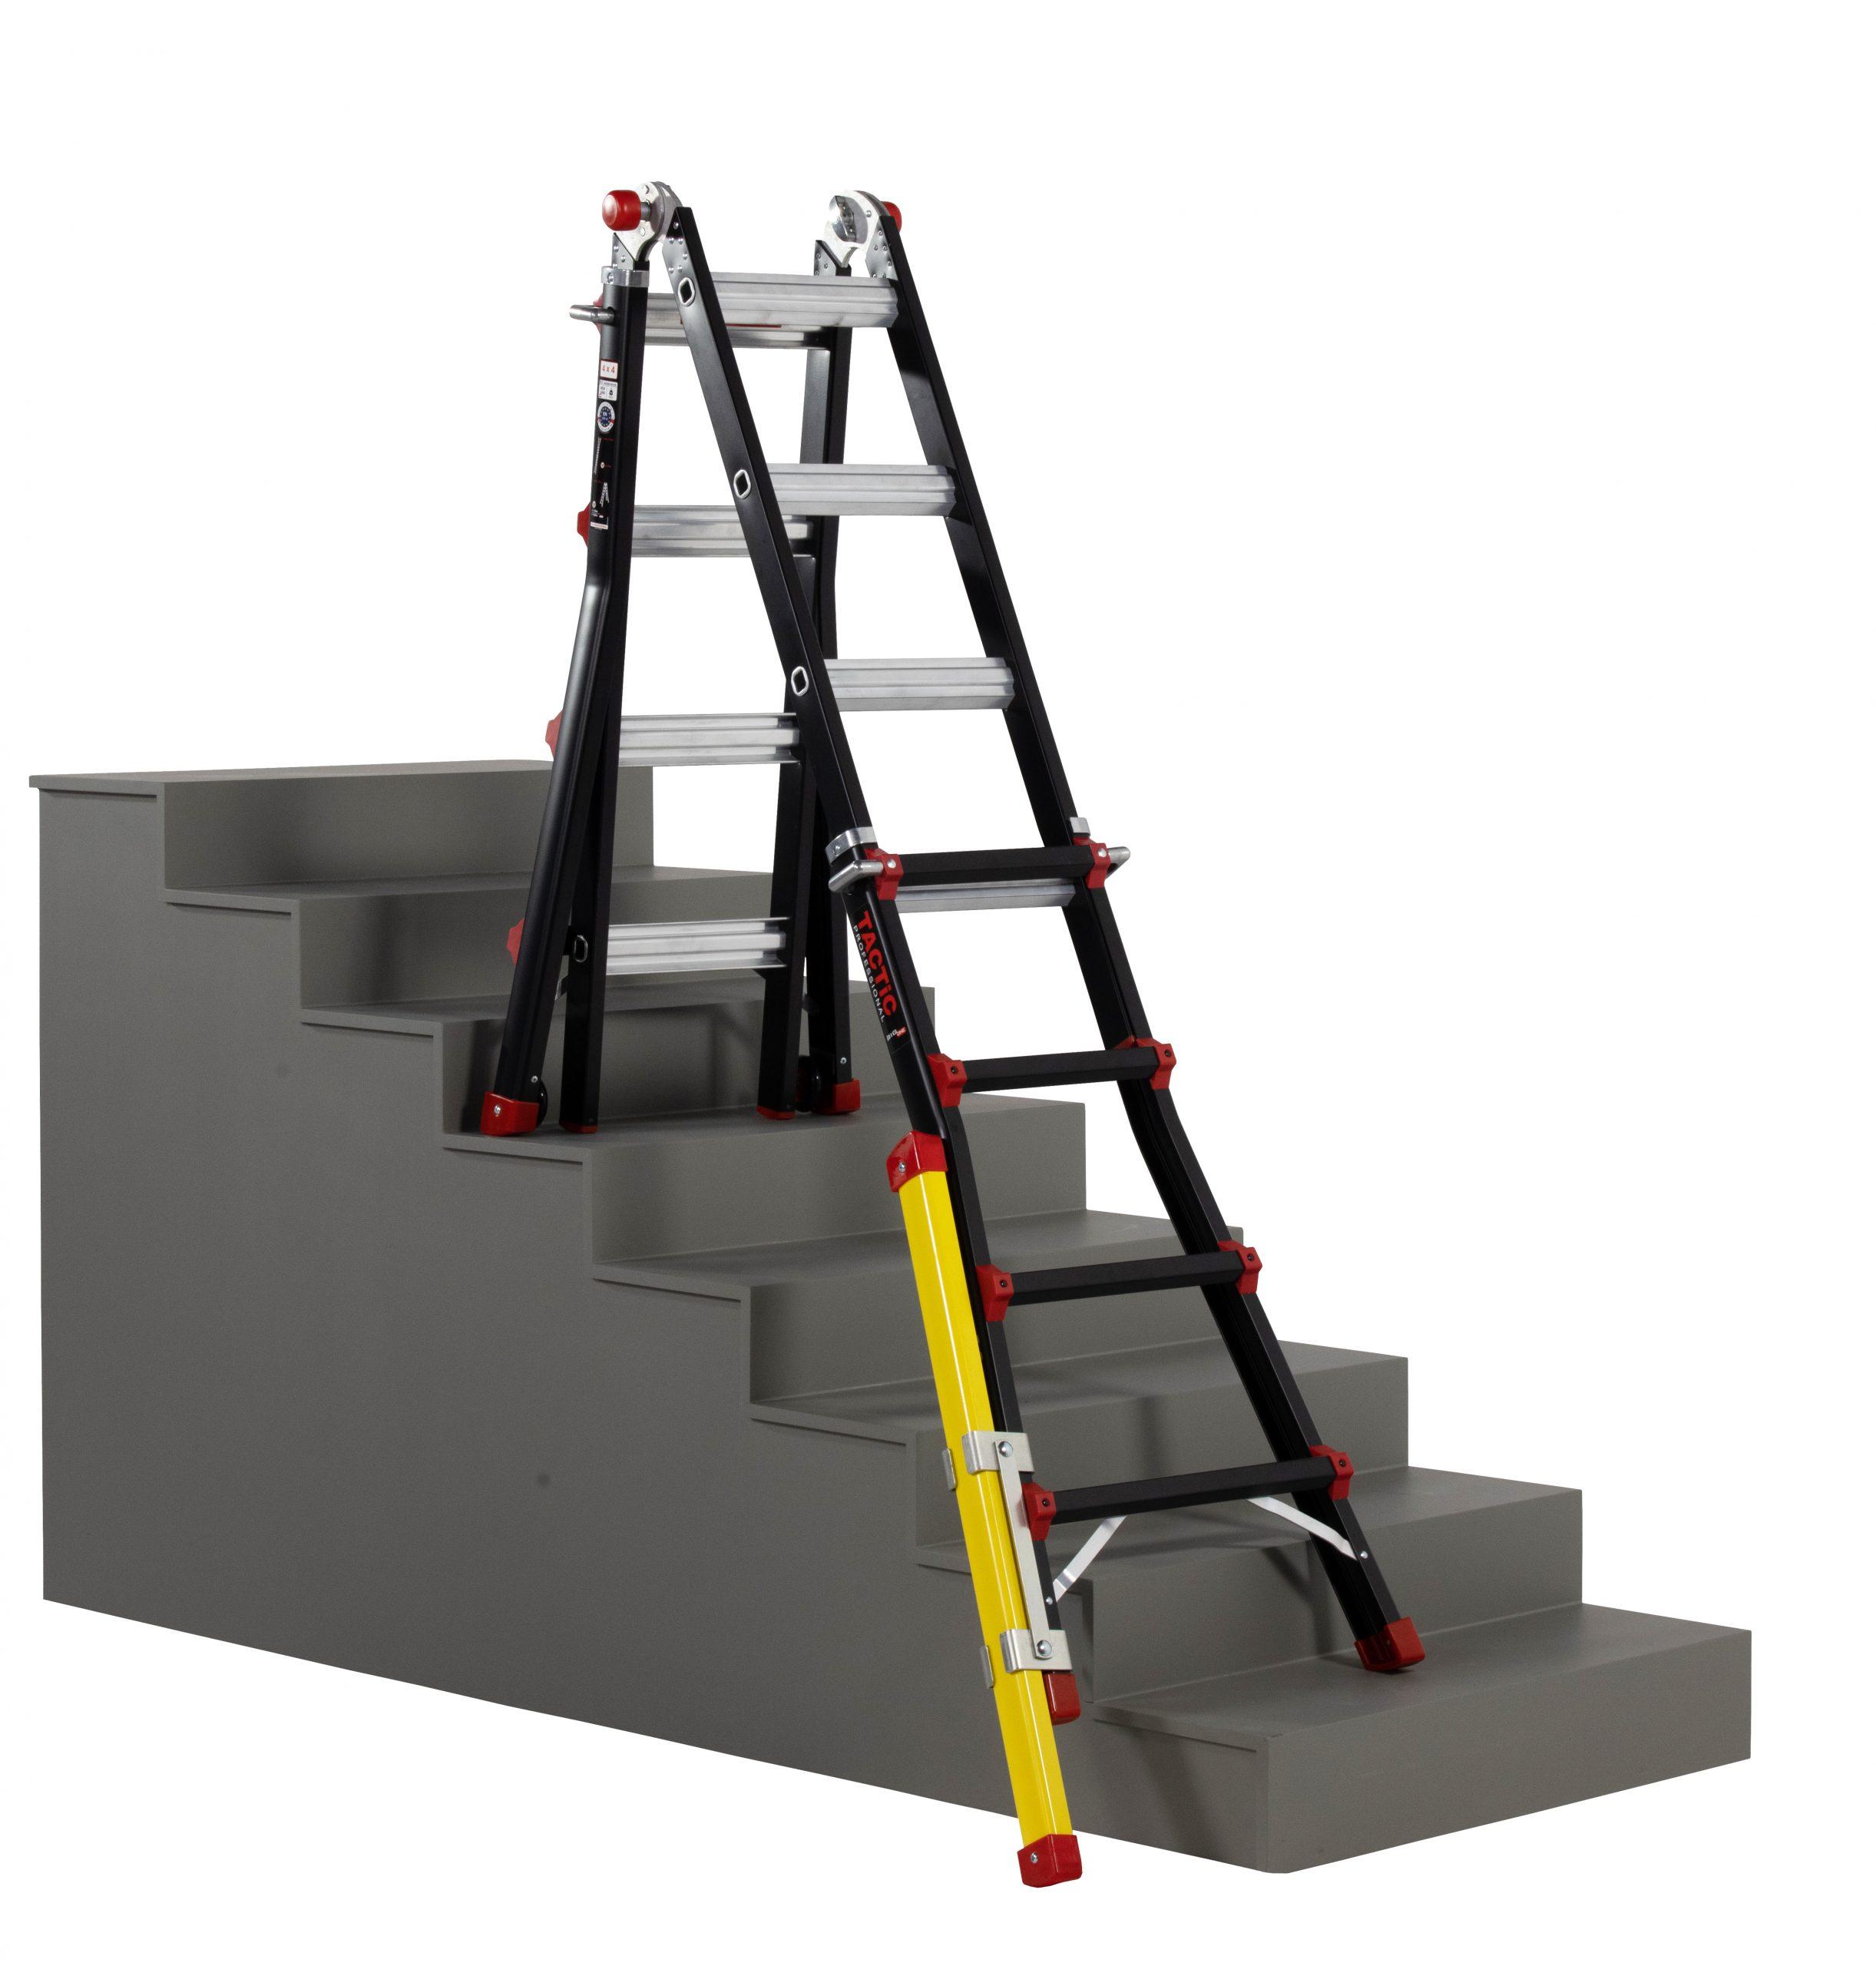 4x4 uitgeschoven met verlengpoot op trap